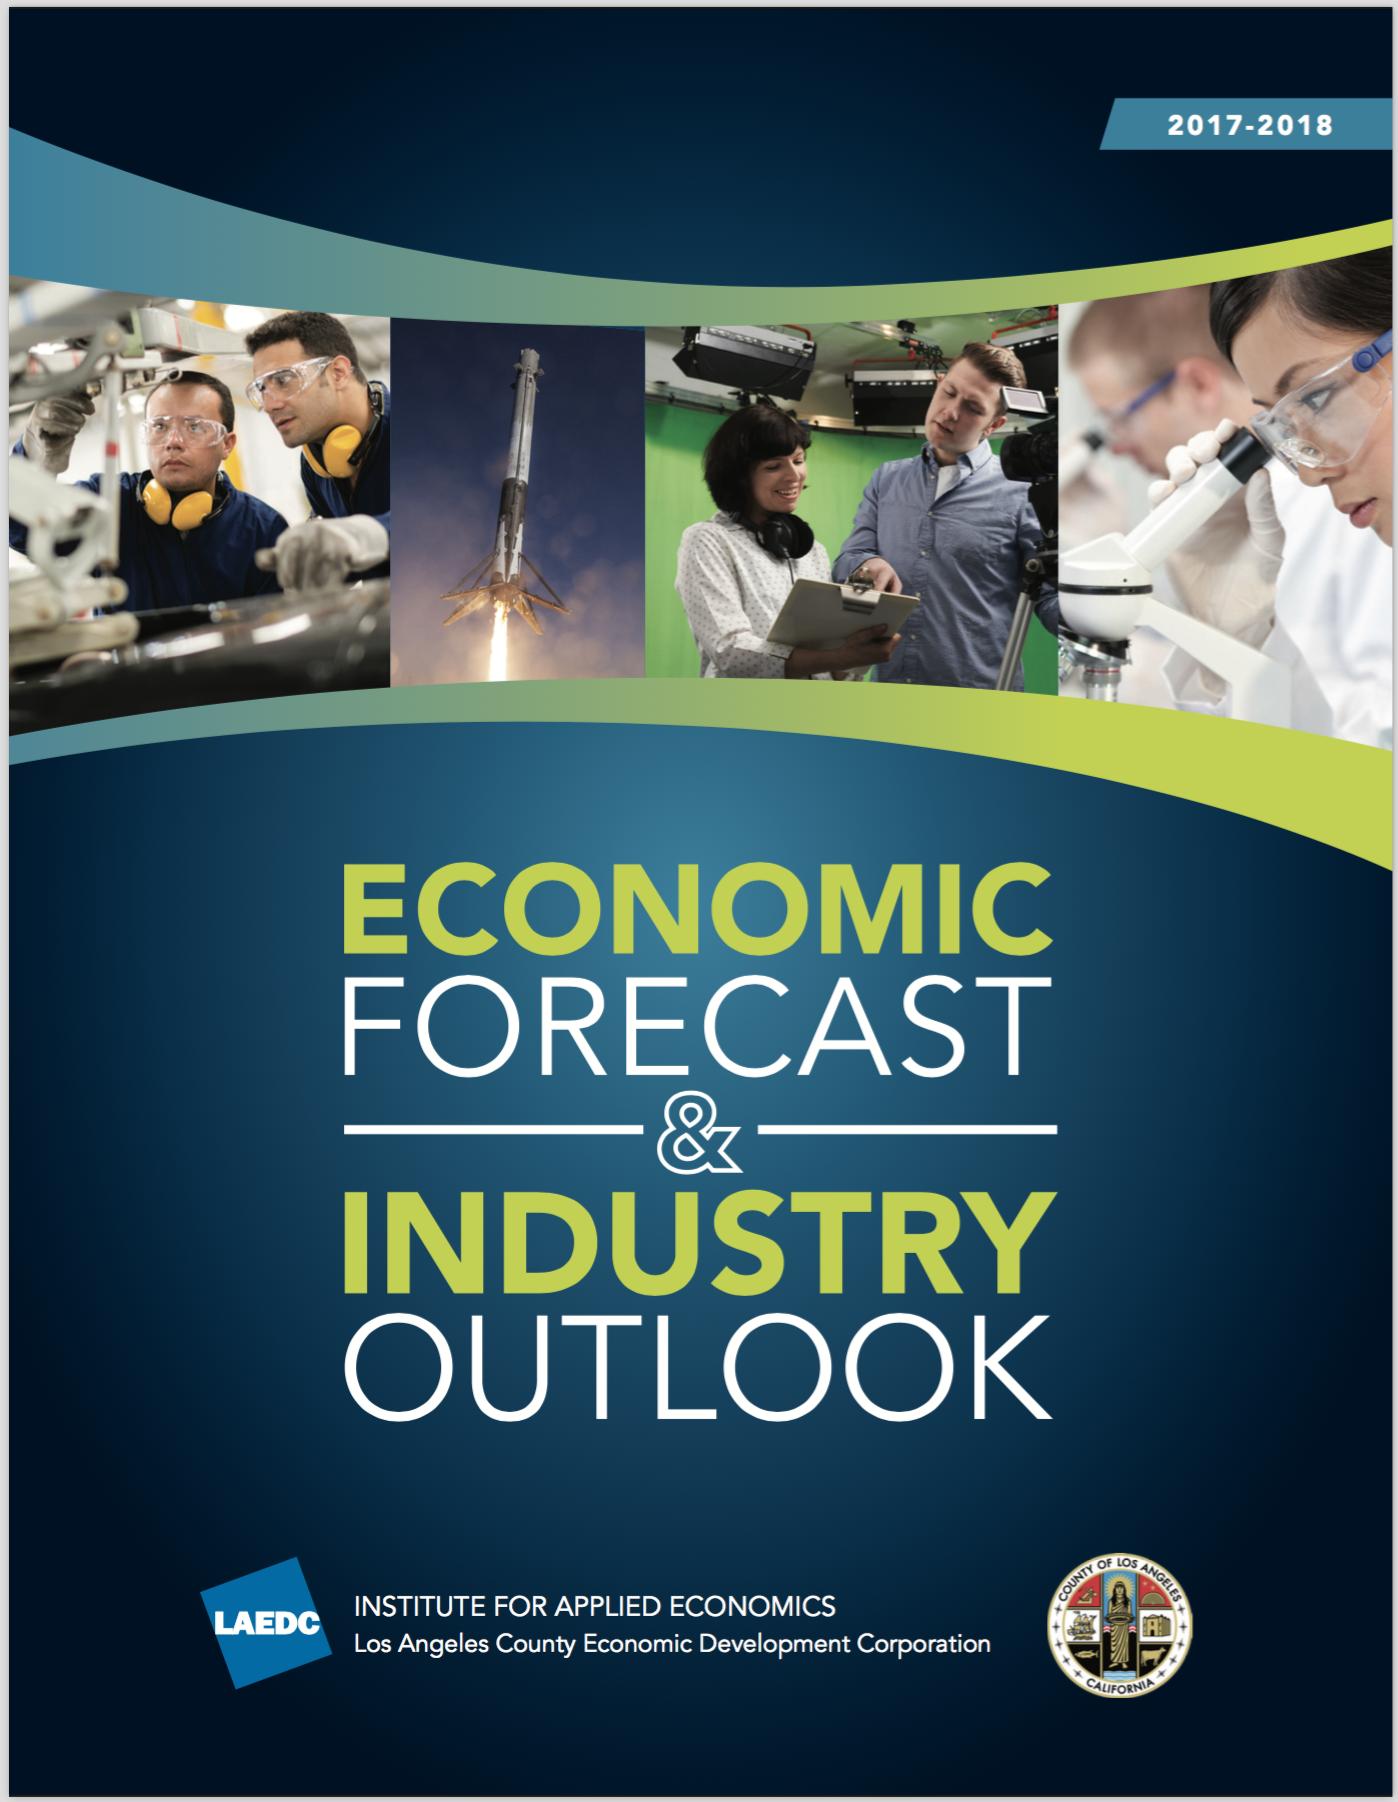 LAEDC Releases Economic Forecast 2017-2018